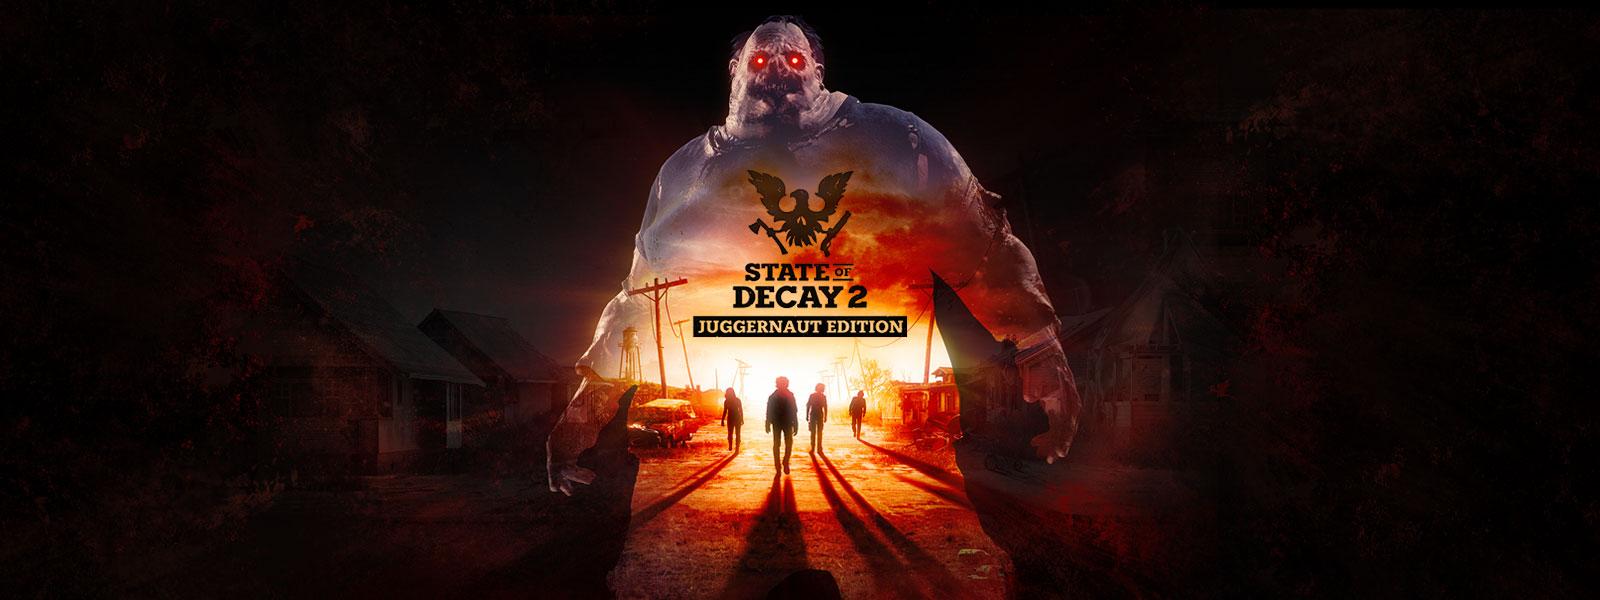 Superposición del Juggernaut de State of Decay 2 Juggernaut Edition con zombis en una calle abandonada